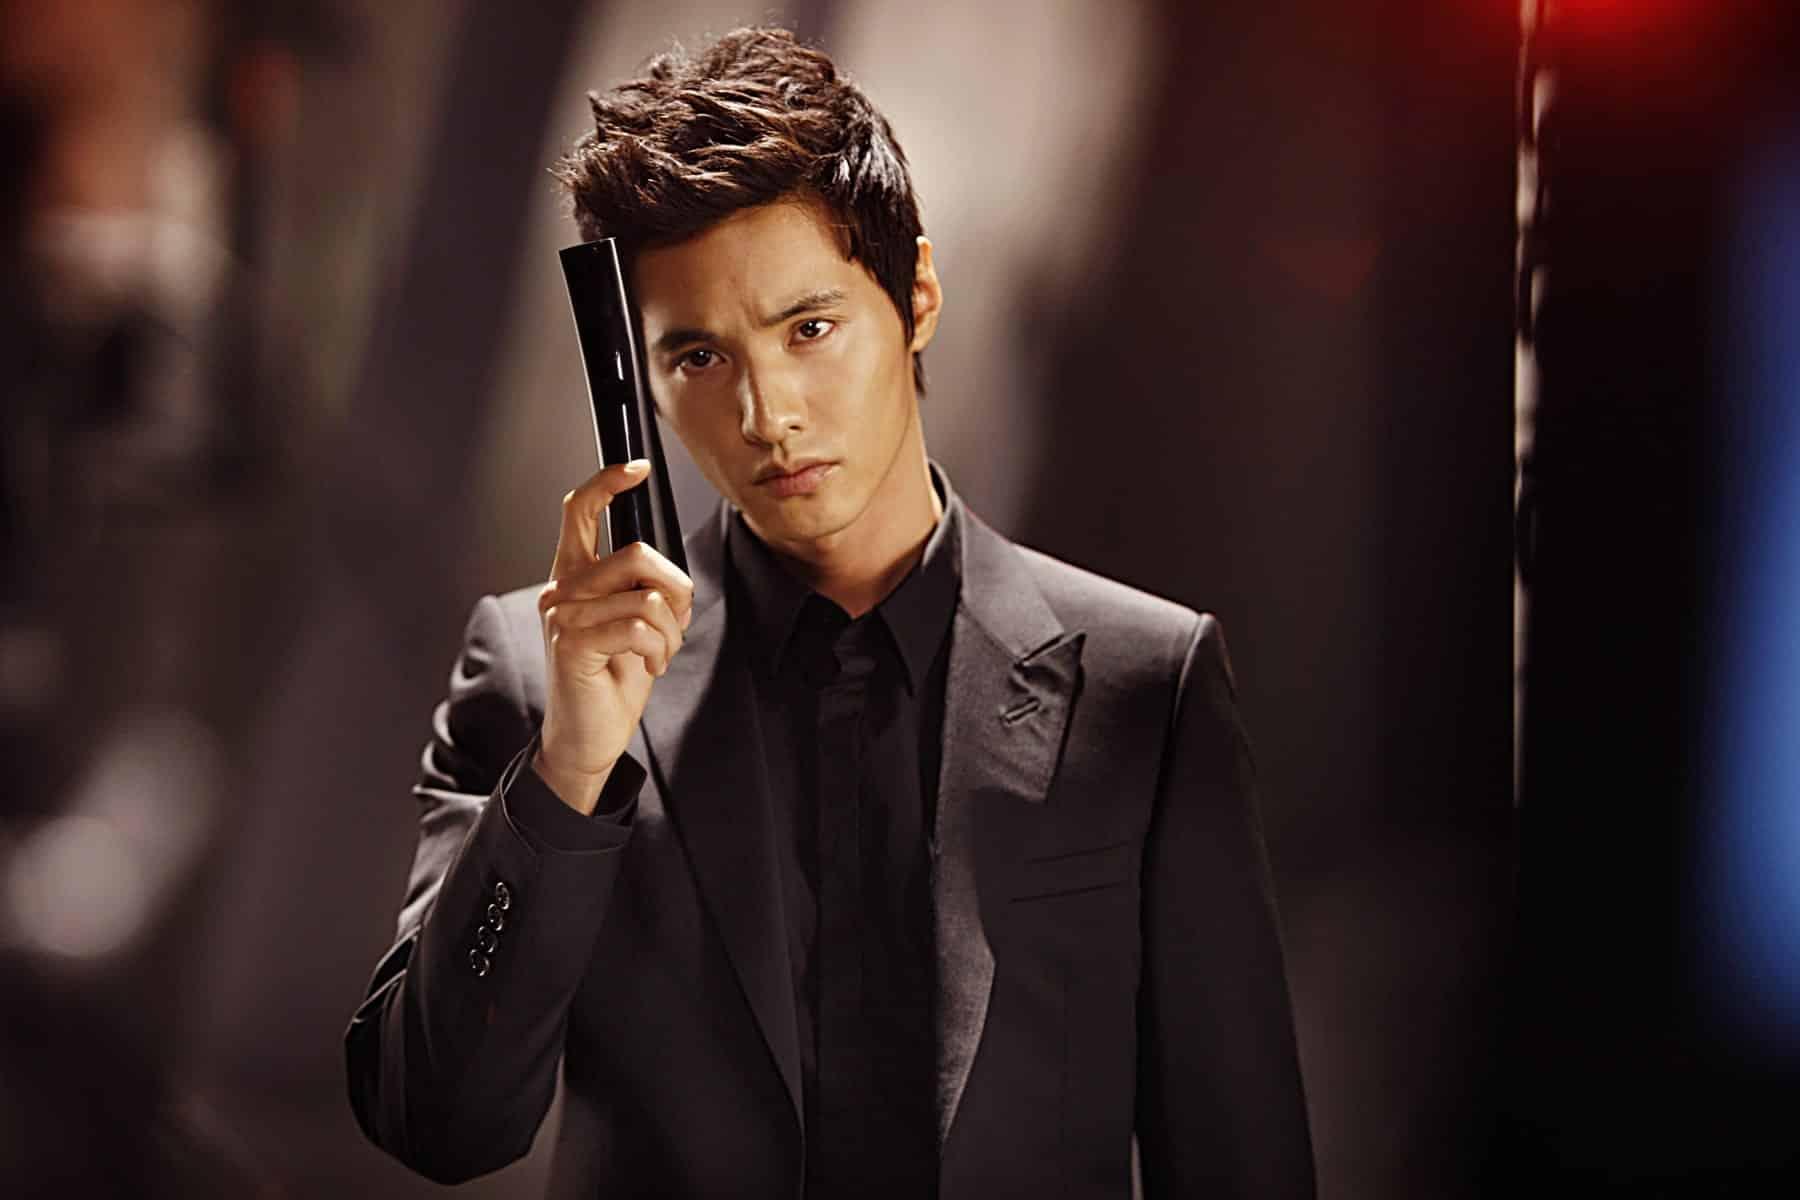 Image of Korean actor Won Bin